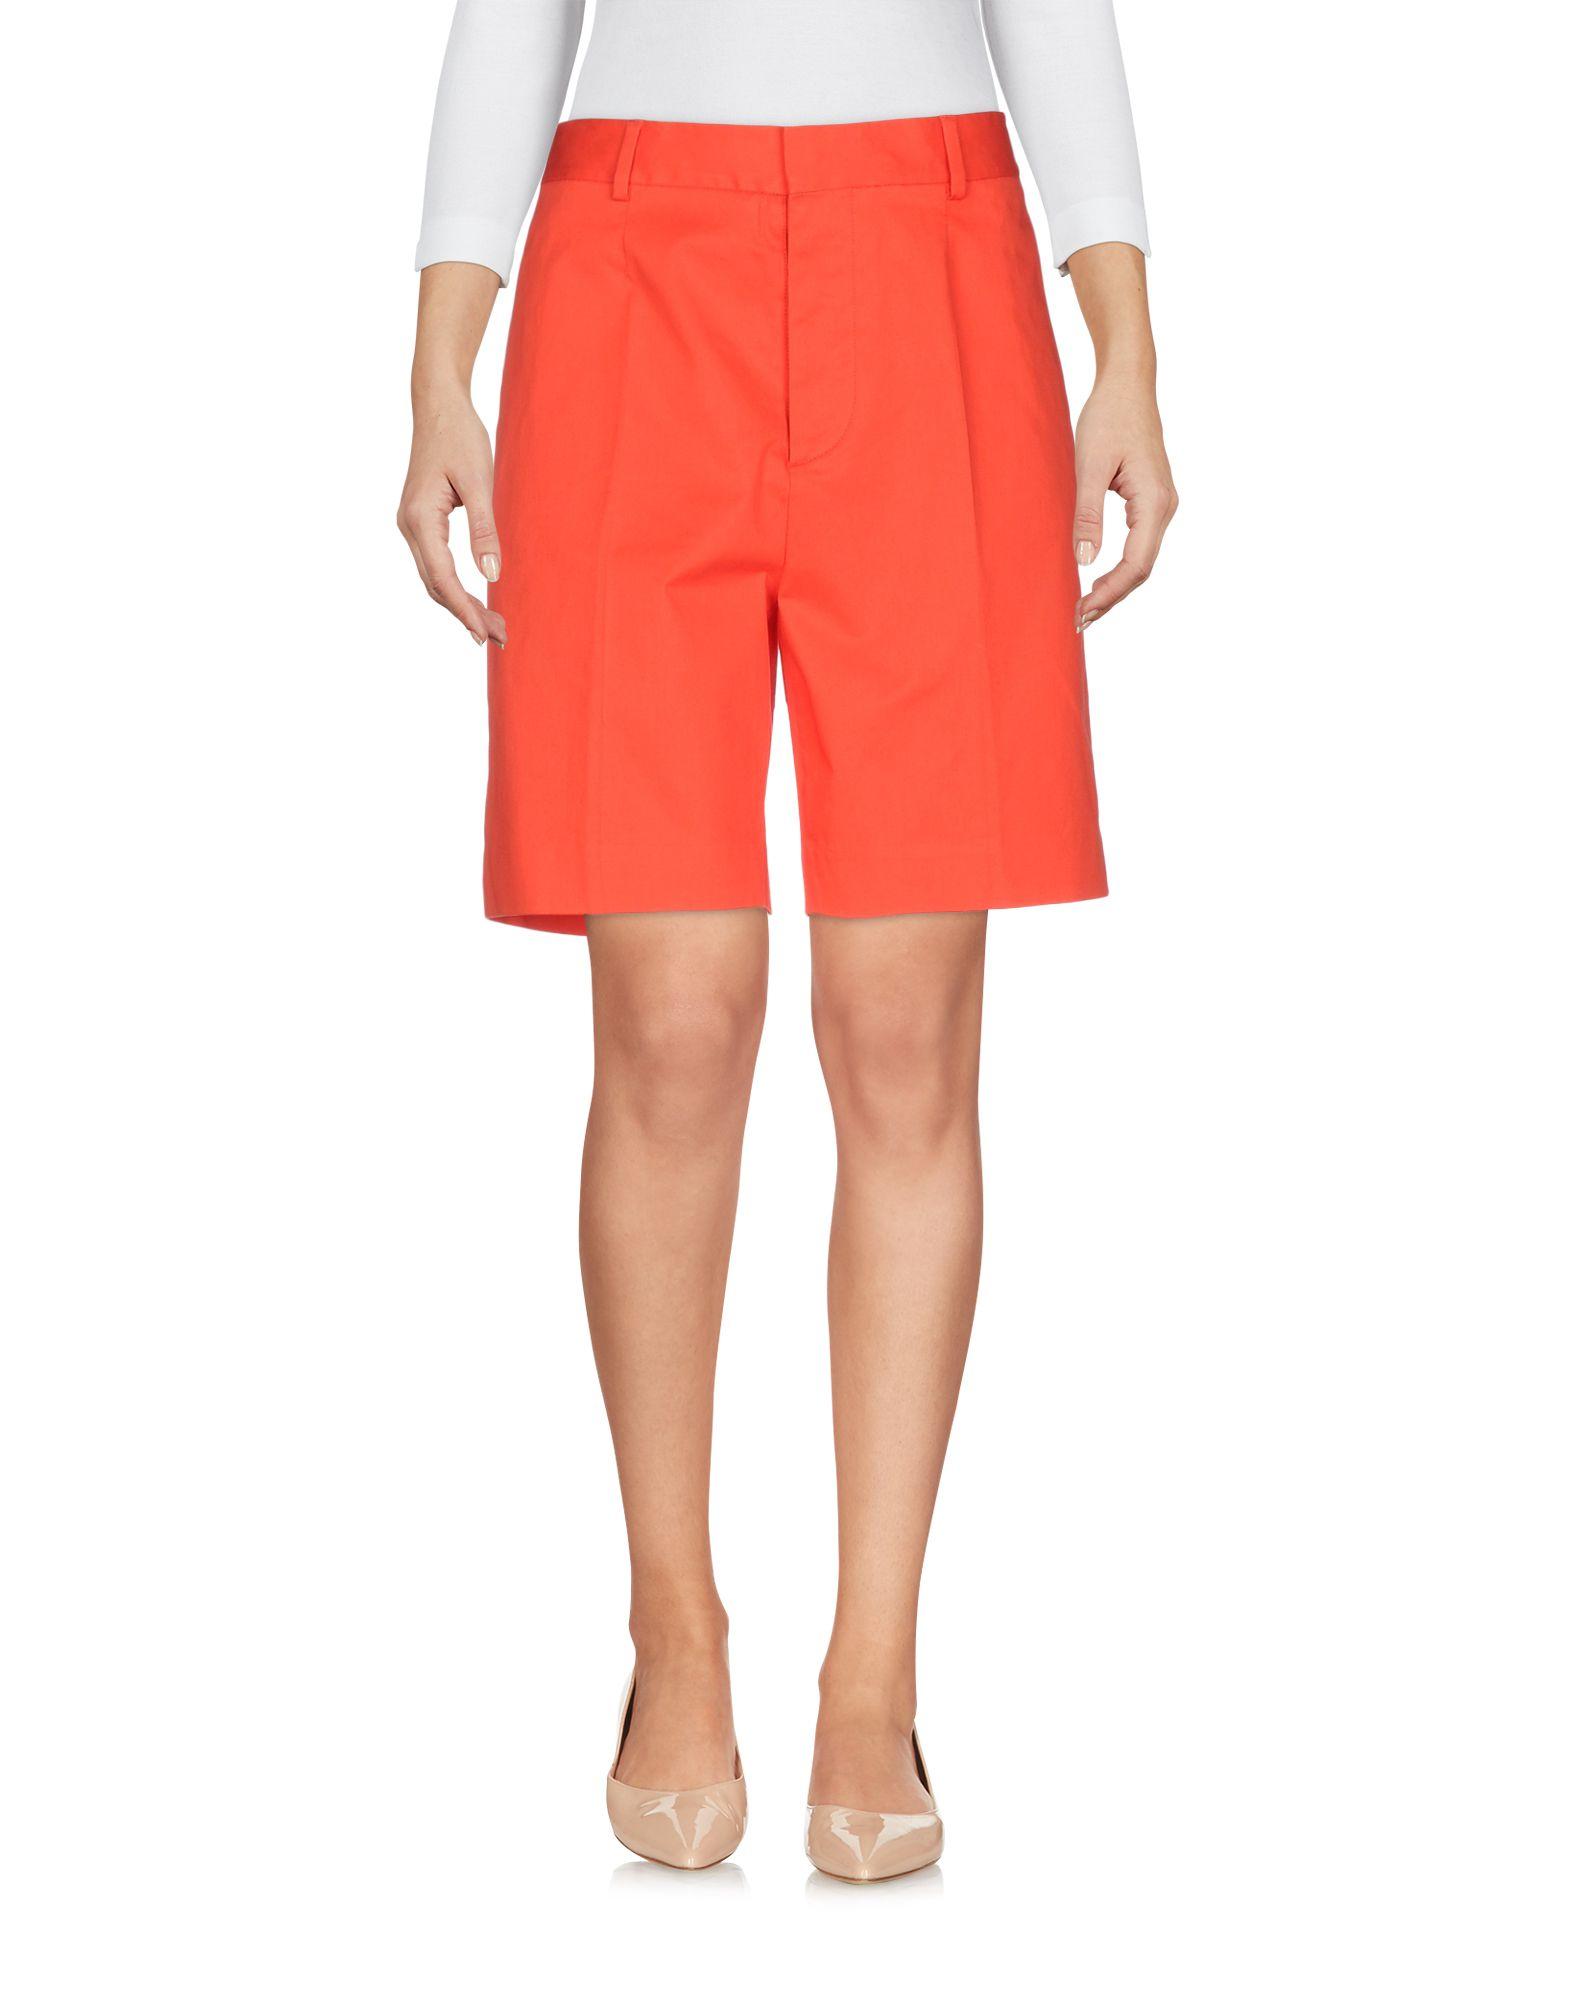 DSQUARED2 Damen Bermudashorts Farbe Rot Größe 3 - broschei